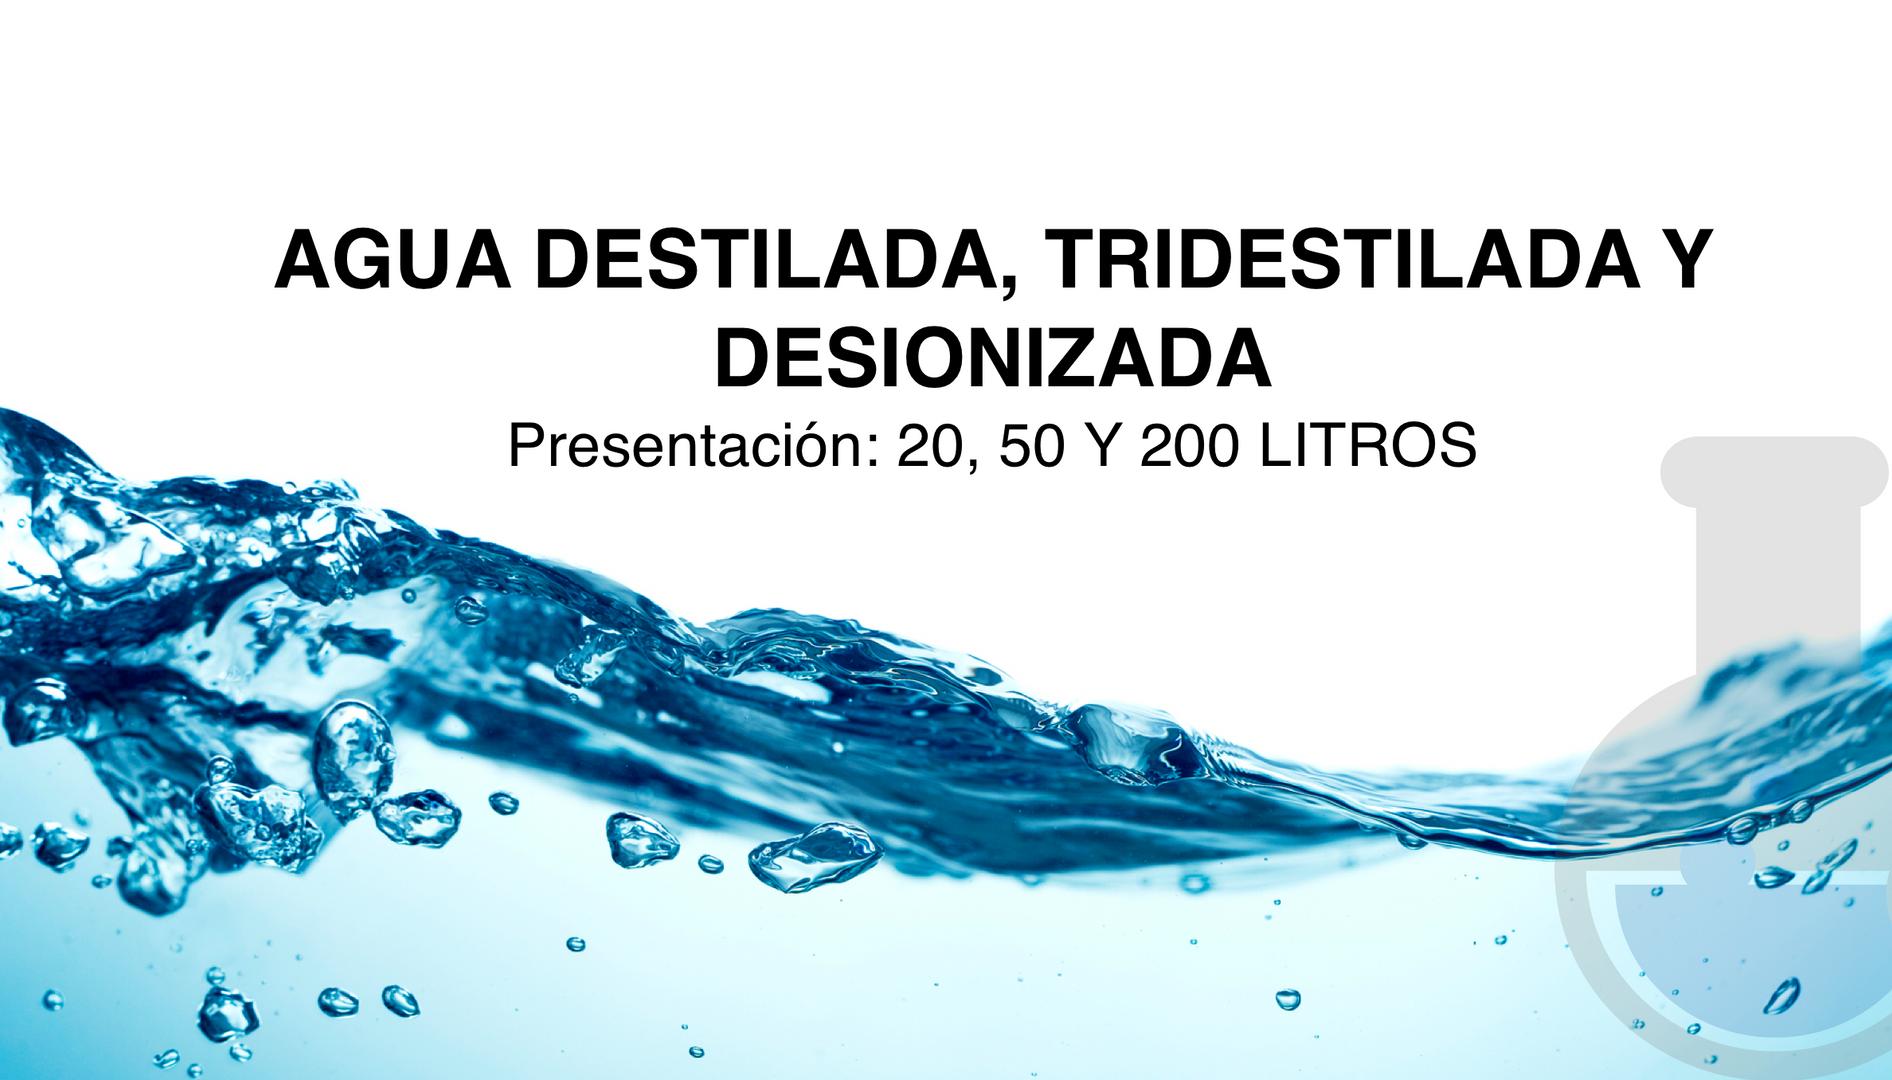 Agua Destilada, Tridestilada y Desionizada